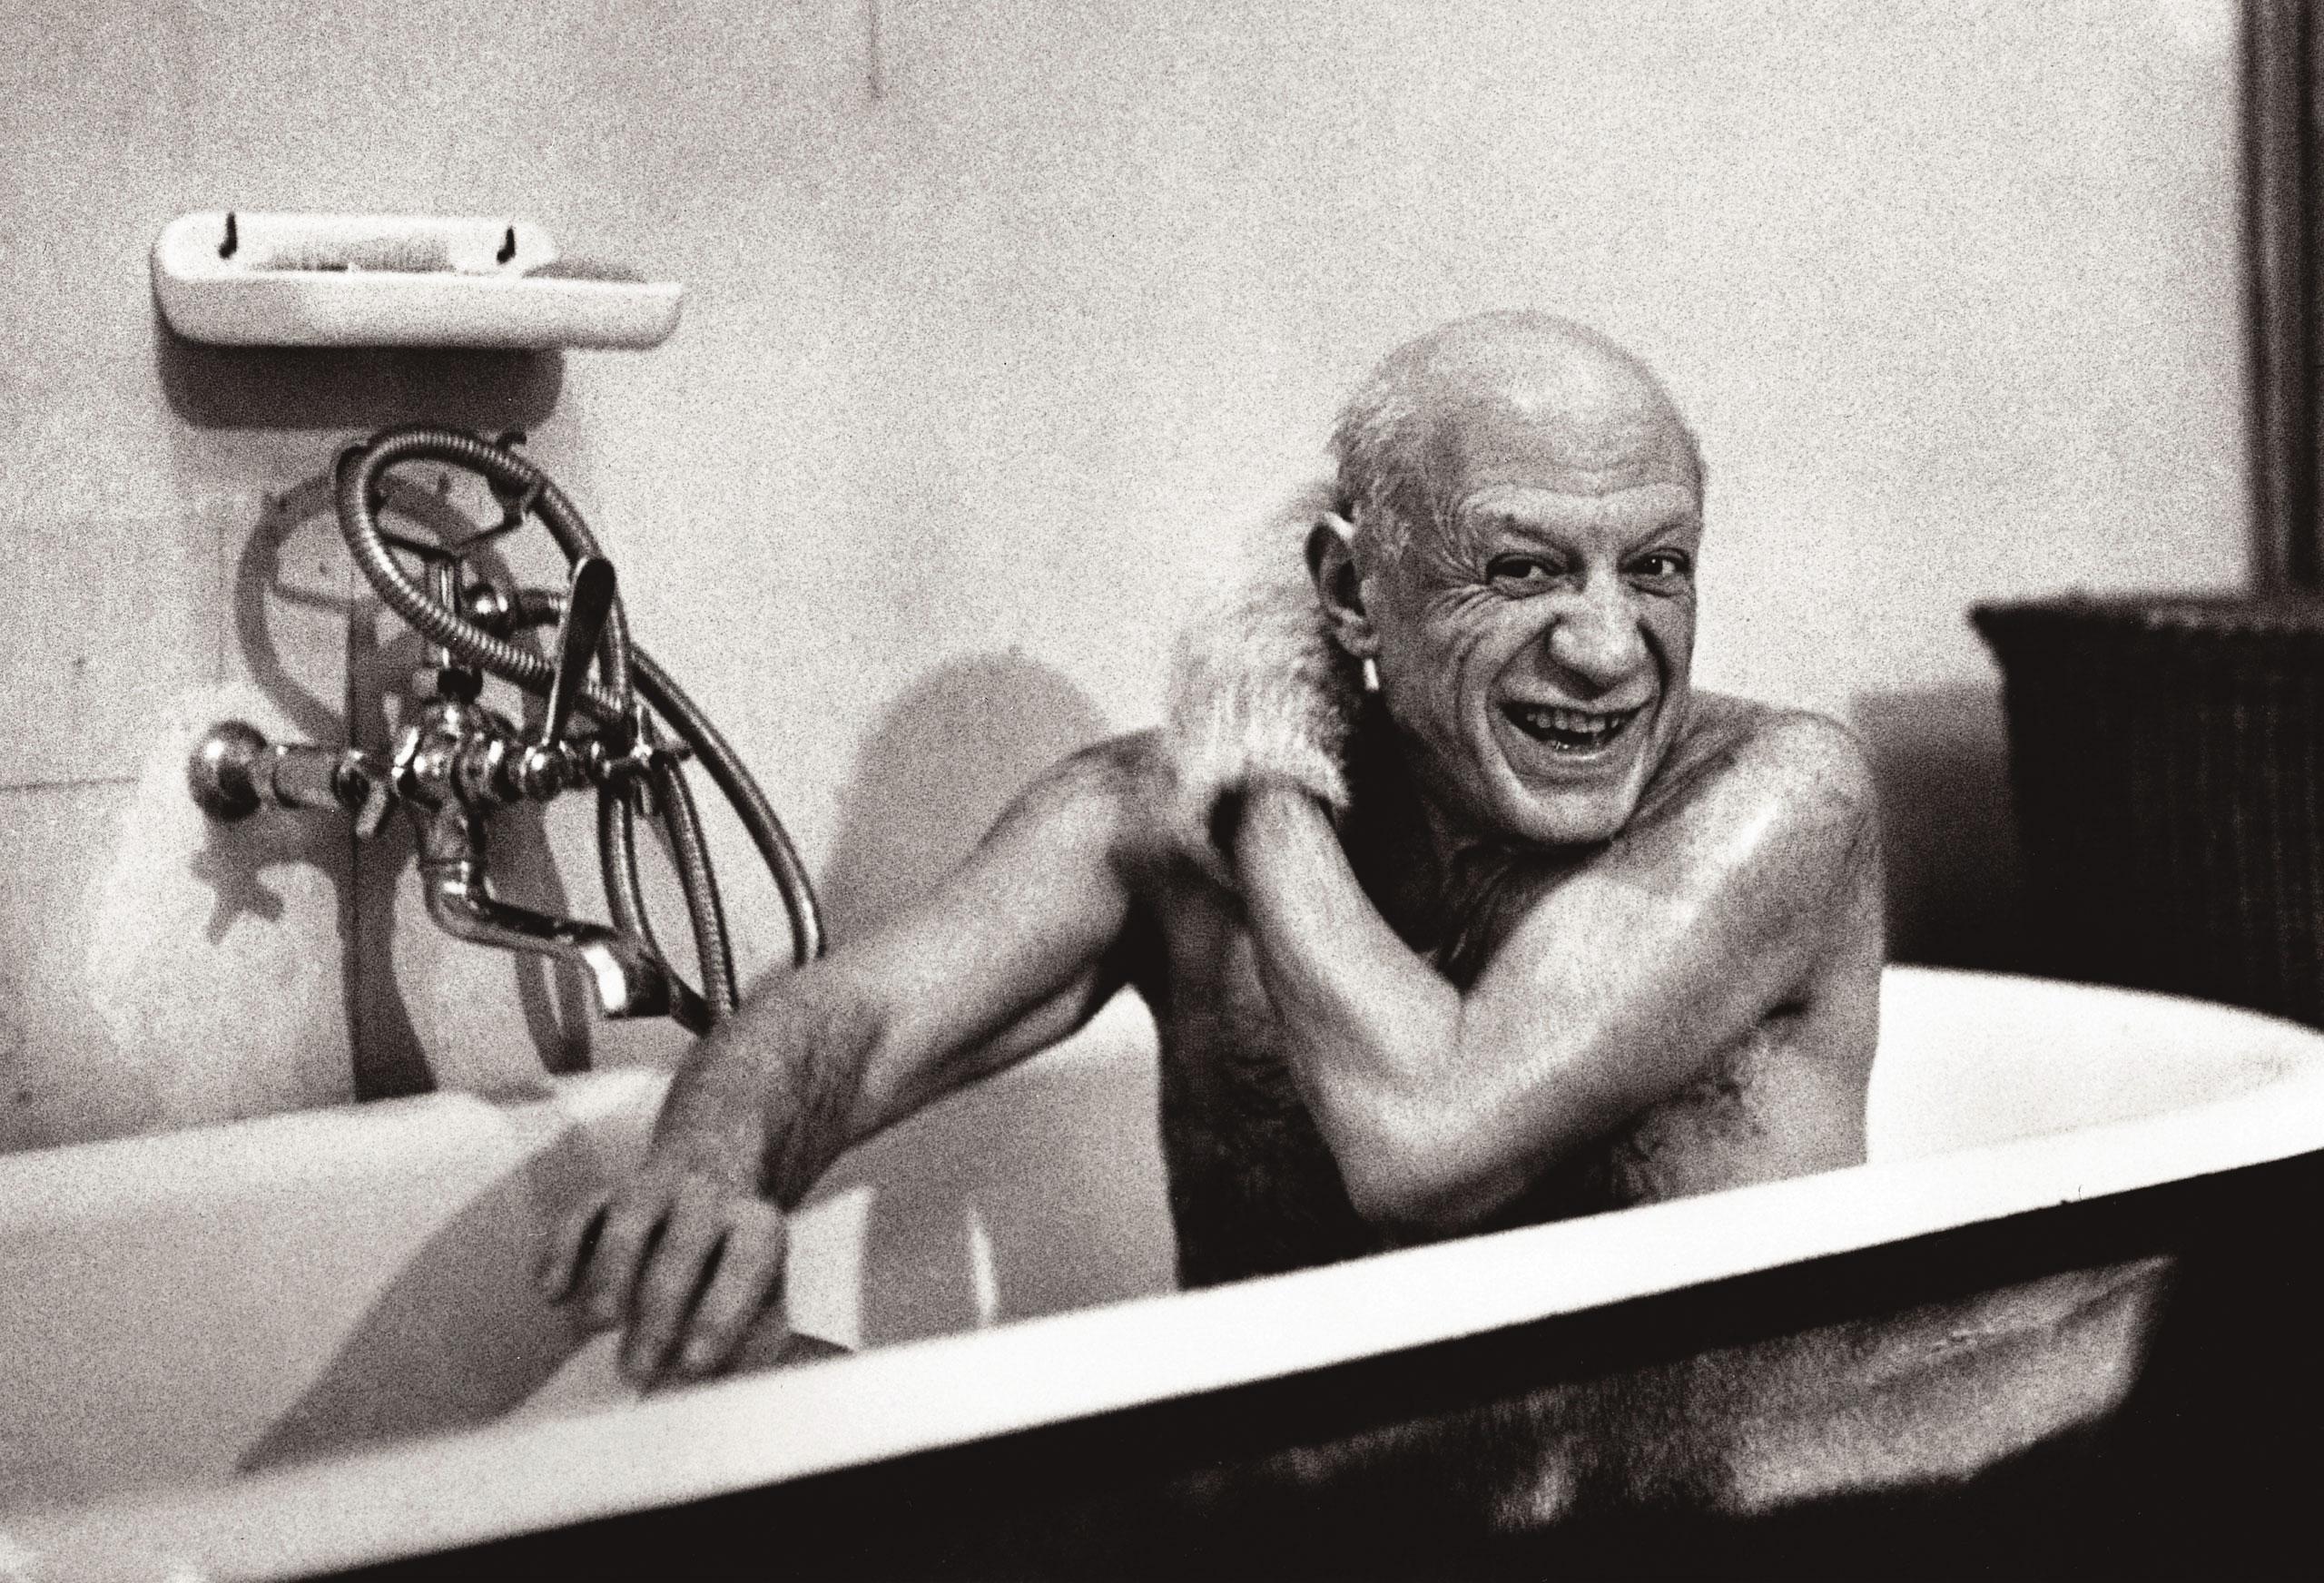 Pablo Picasso in the bathtub: Villa la Californie, Cannes France. February 8, 1956.